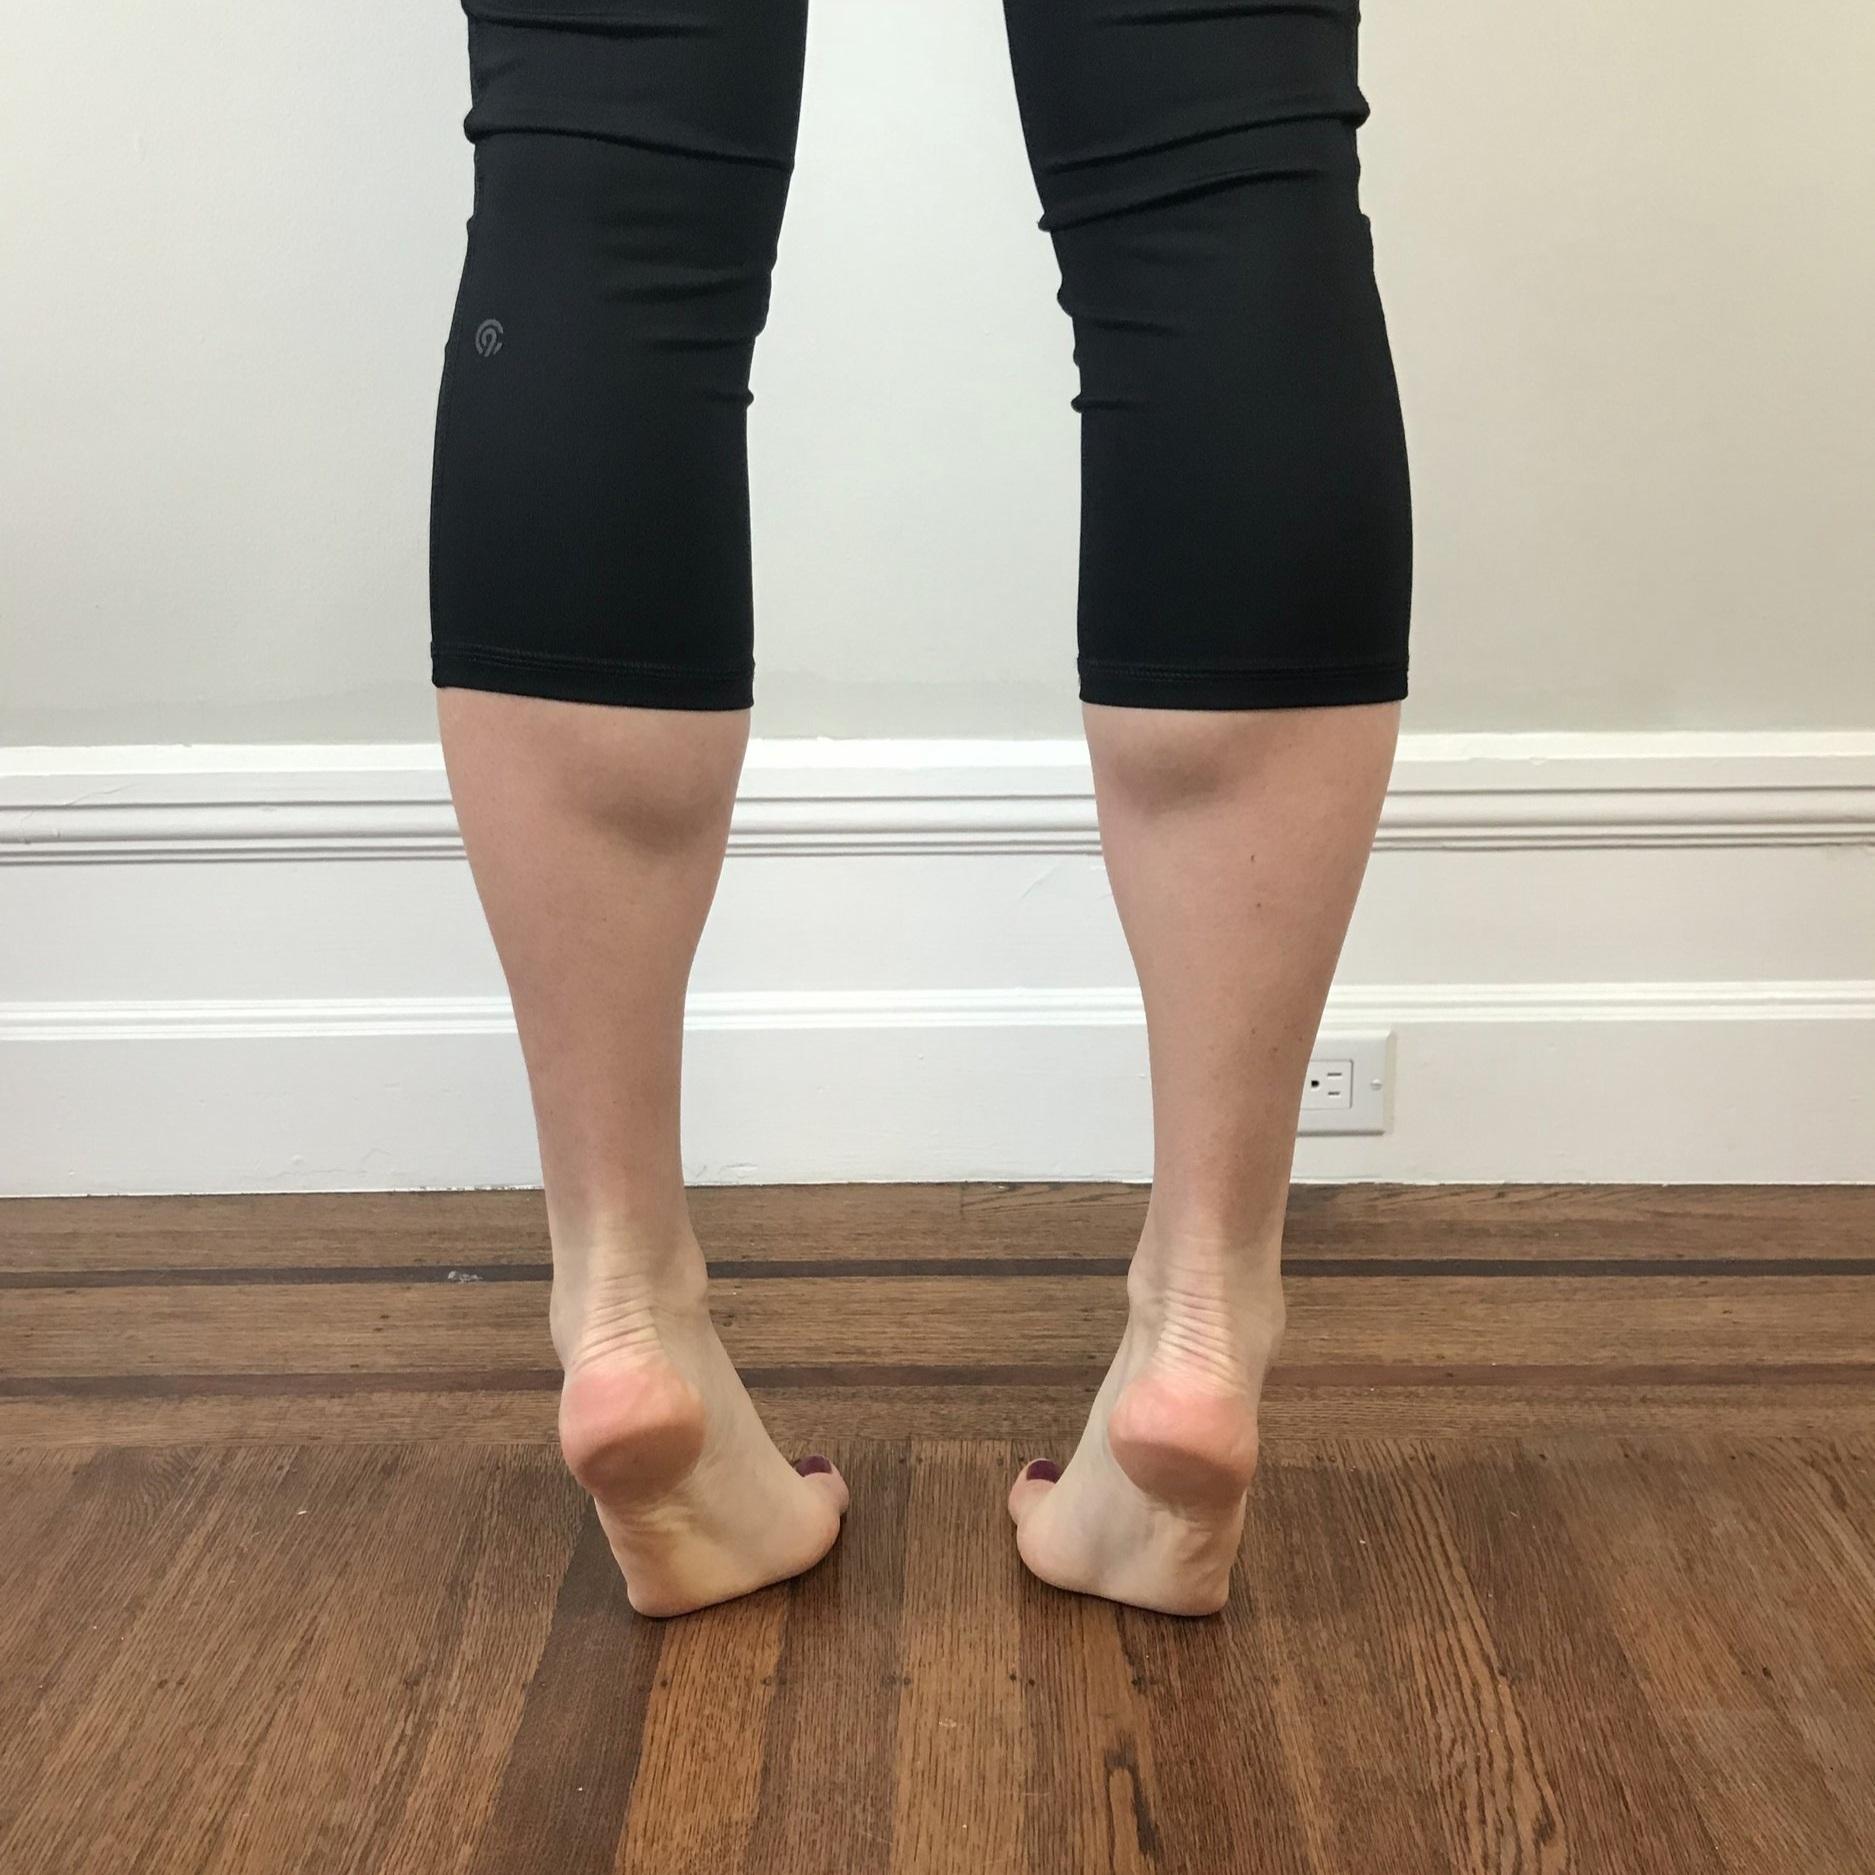 Poor double leg calf raise